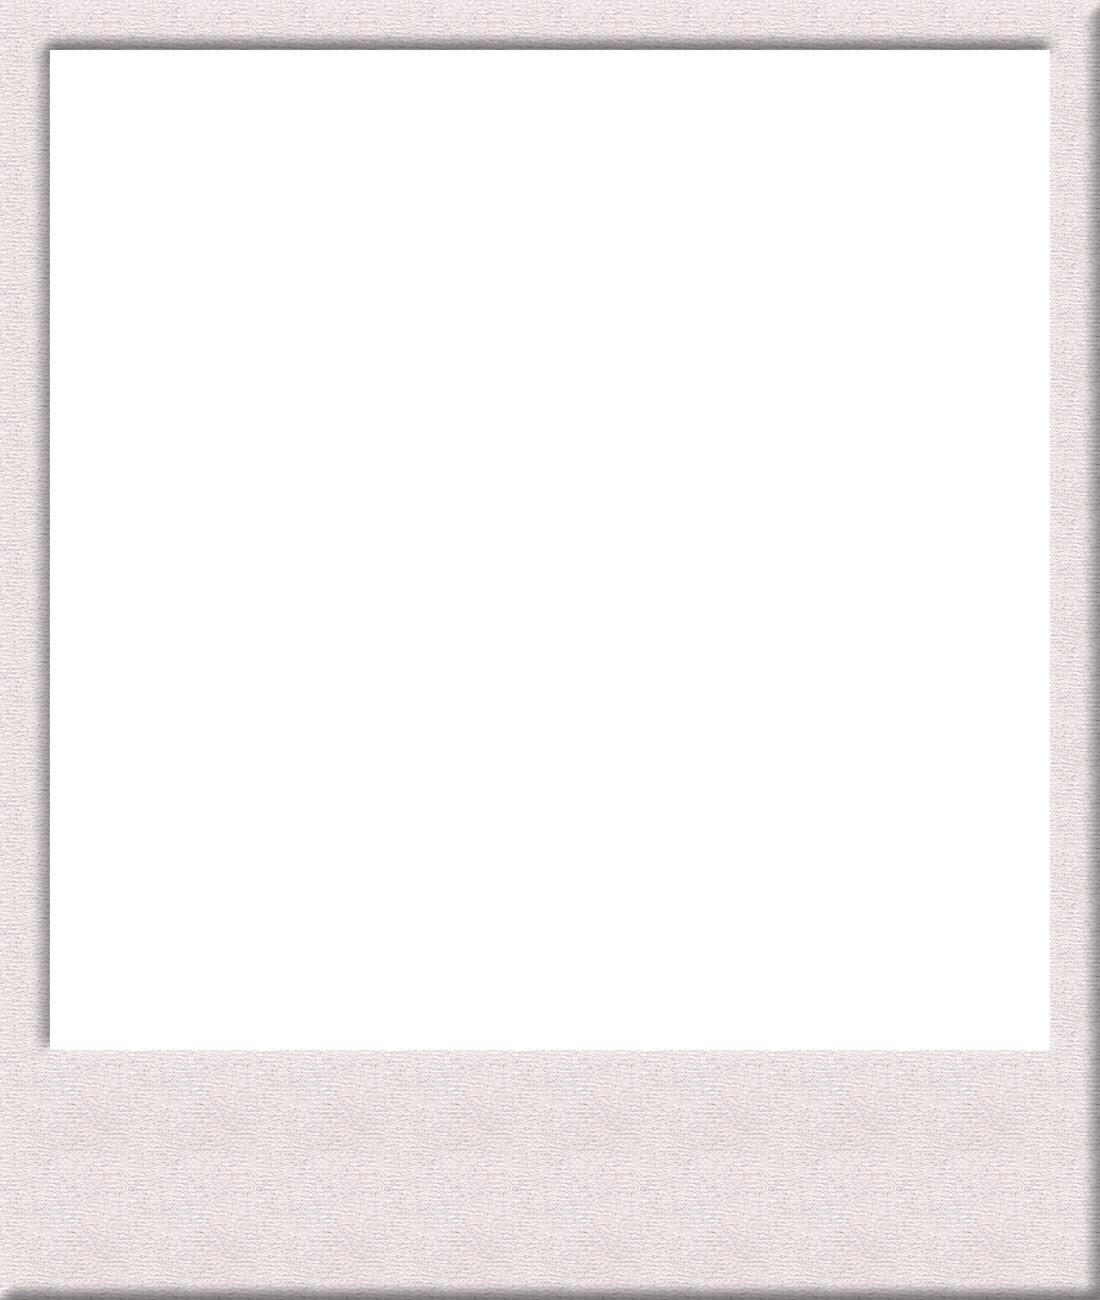 как сделать фотографию в белом квадрате нашей статье предоставим